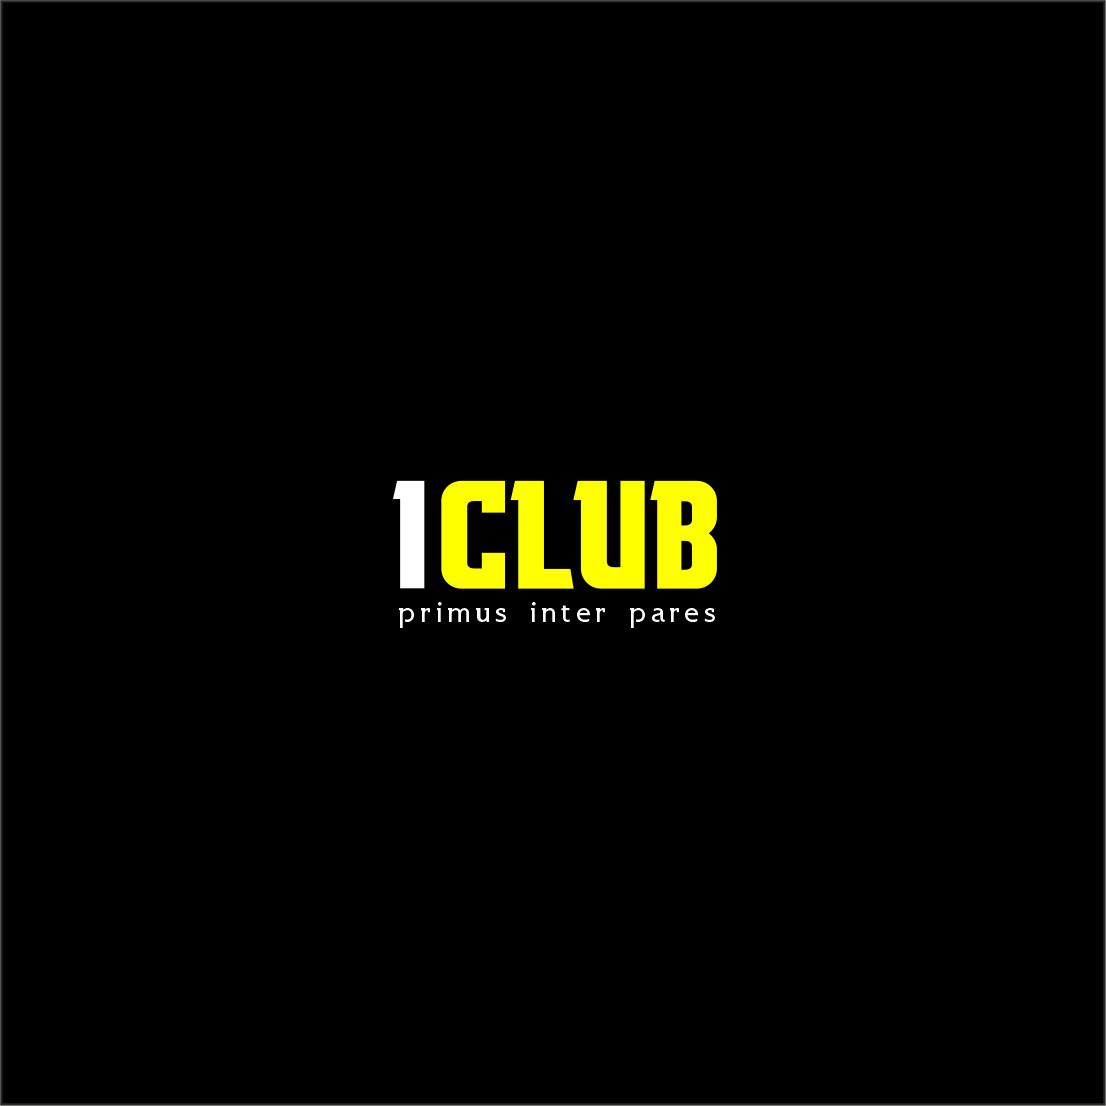 Логотип делового клуба фото f_5325f85864f6780c.jpg